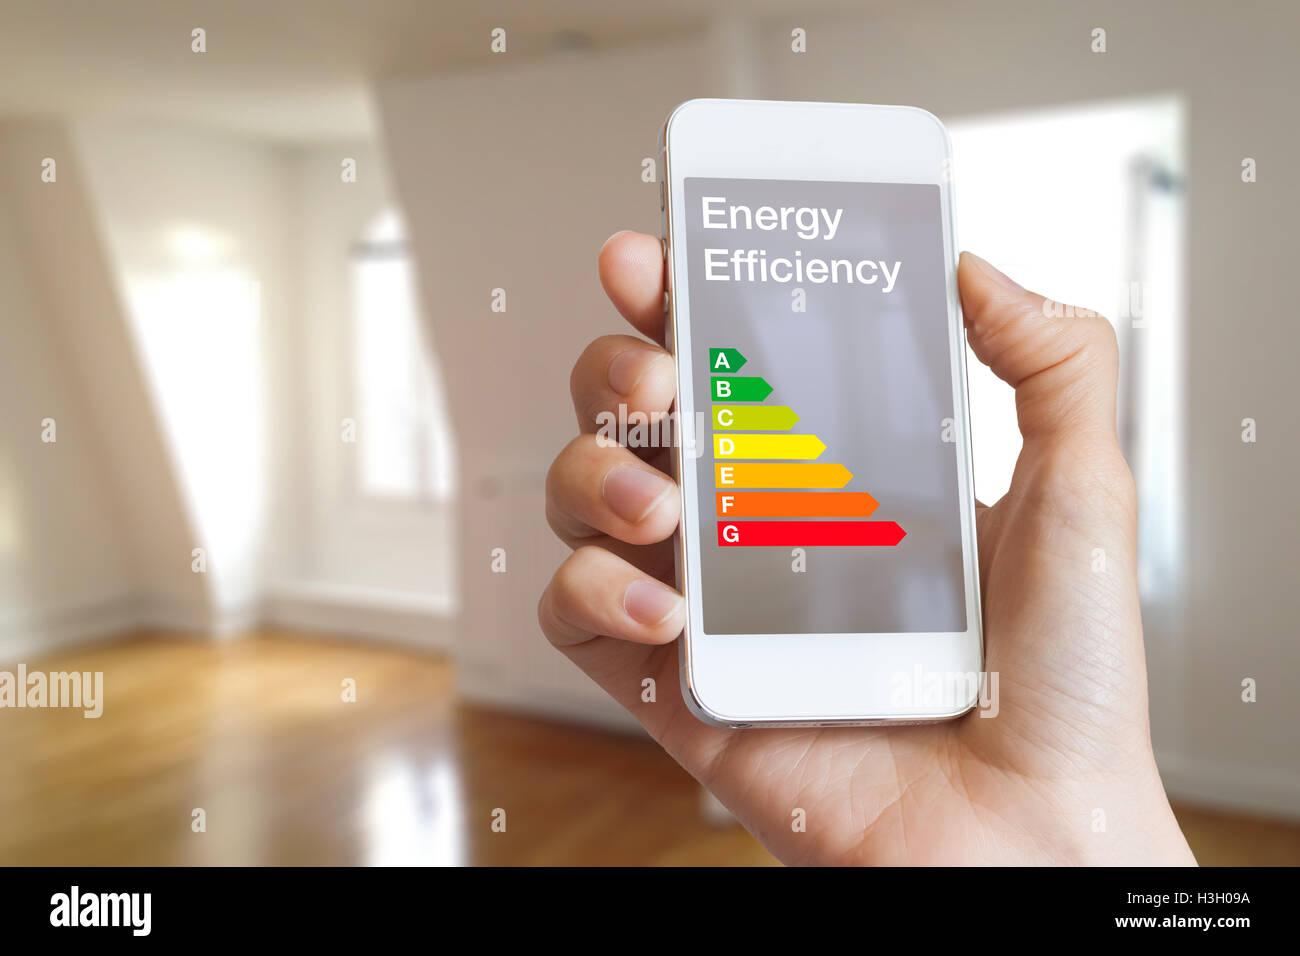 Calificación de eficiencia energética en la aplicación smartphone por mujer agente inmobiliario y Imagen De Stock